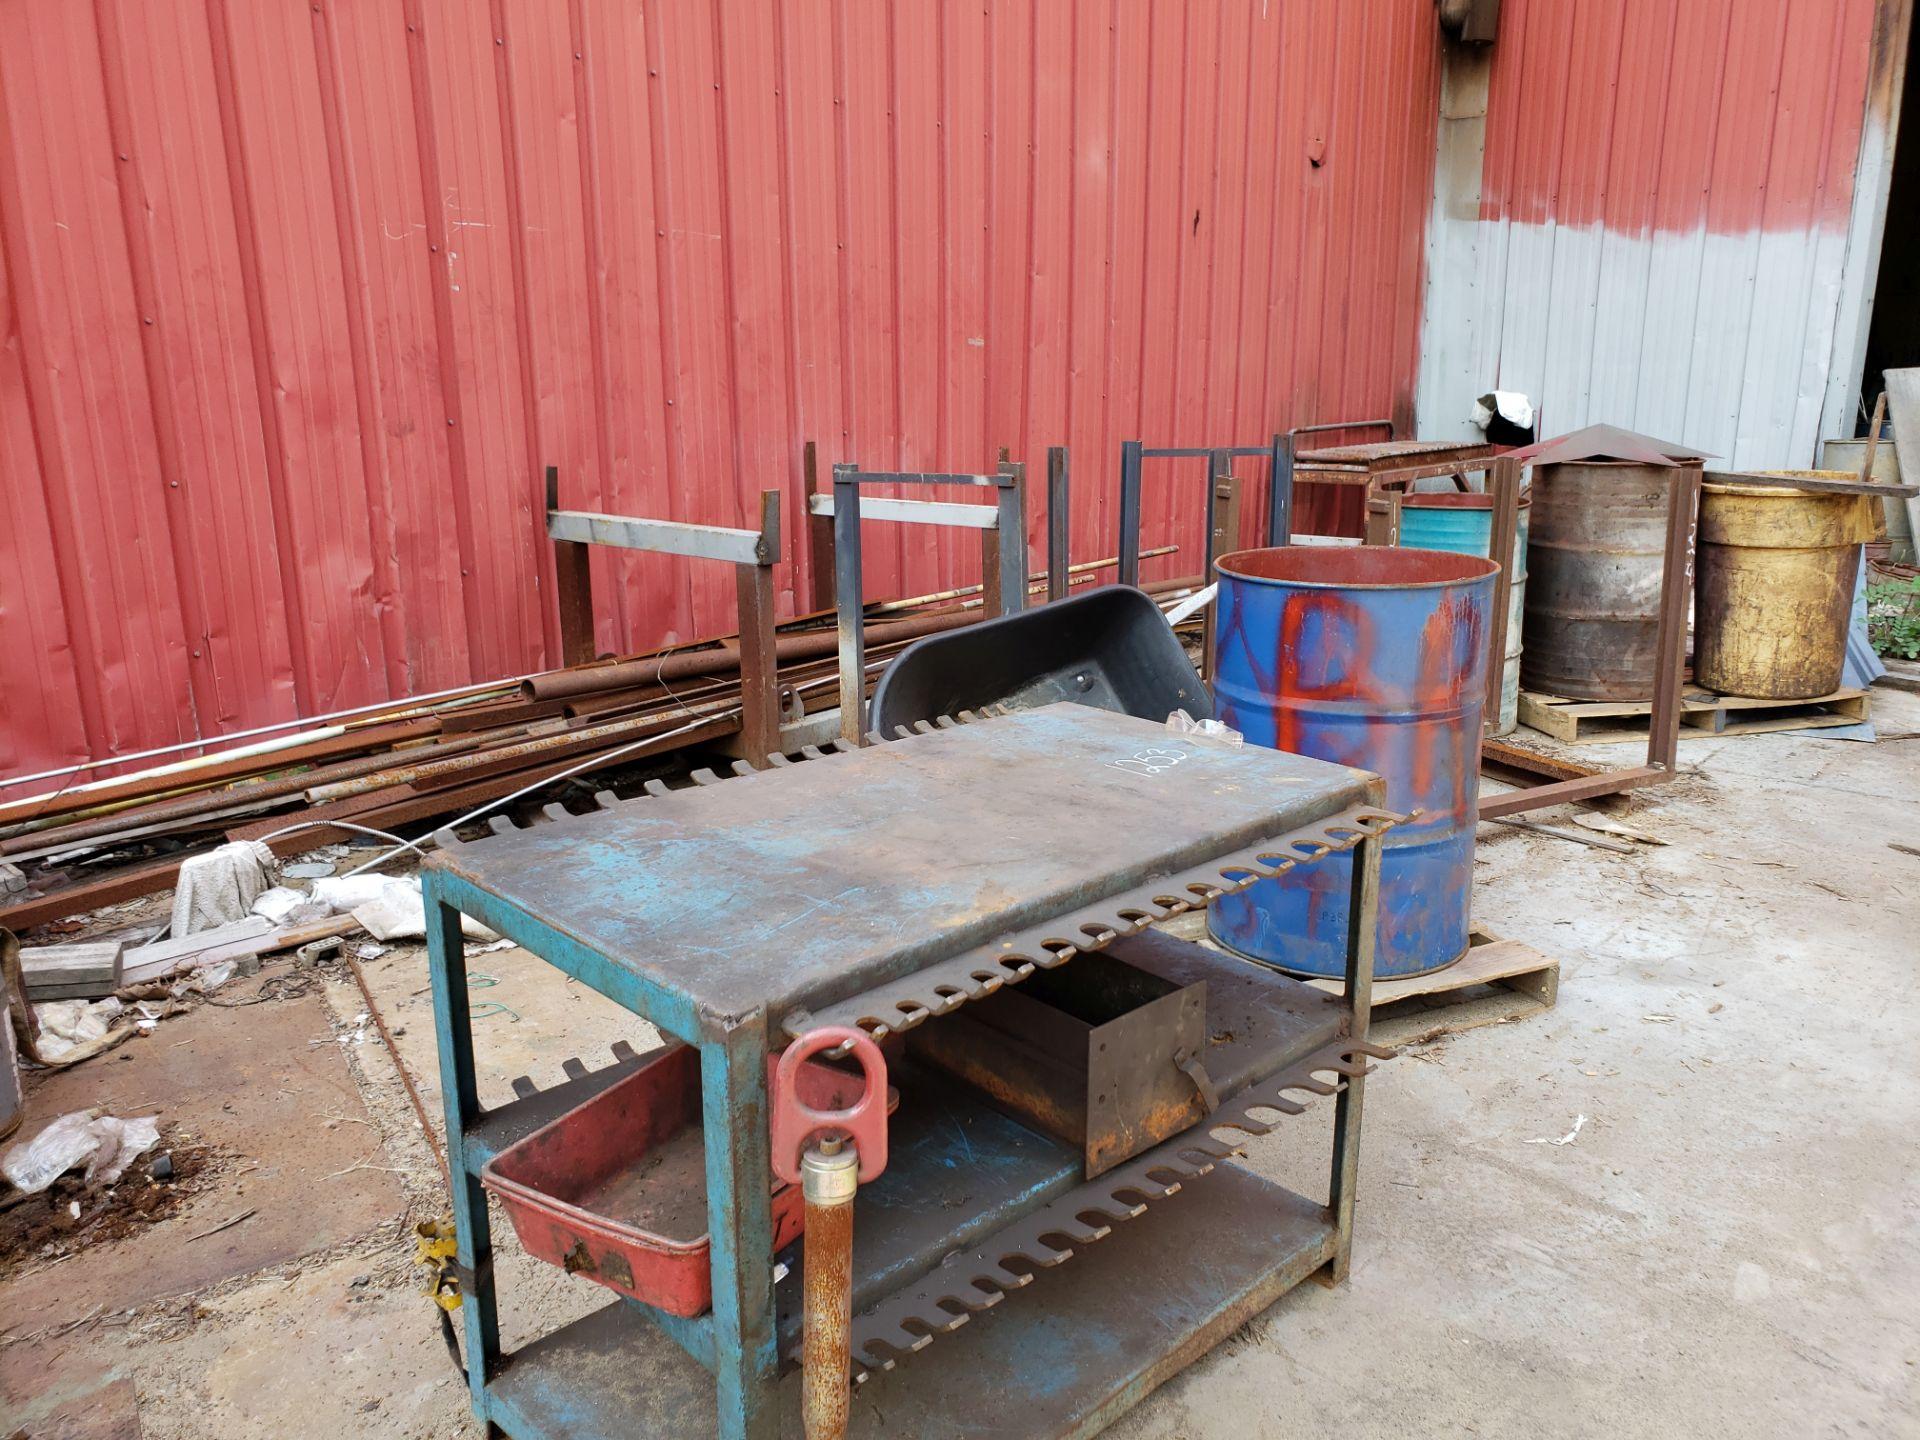 Lot 1254 - BLUE METAL TABLE, MISC. METALS, NO OXYGEN TANKS